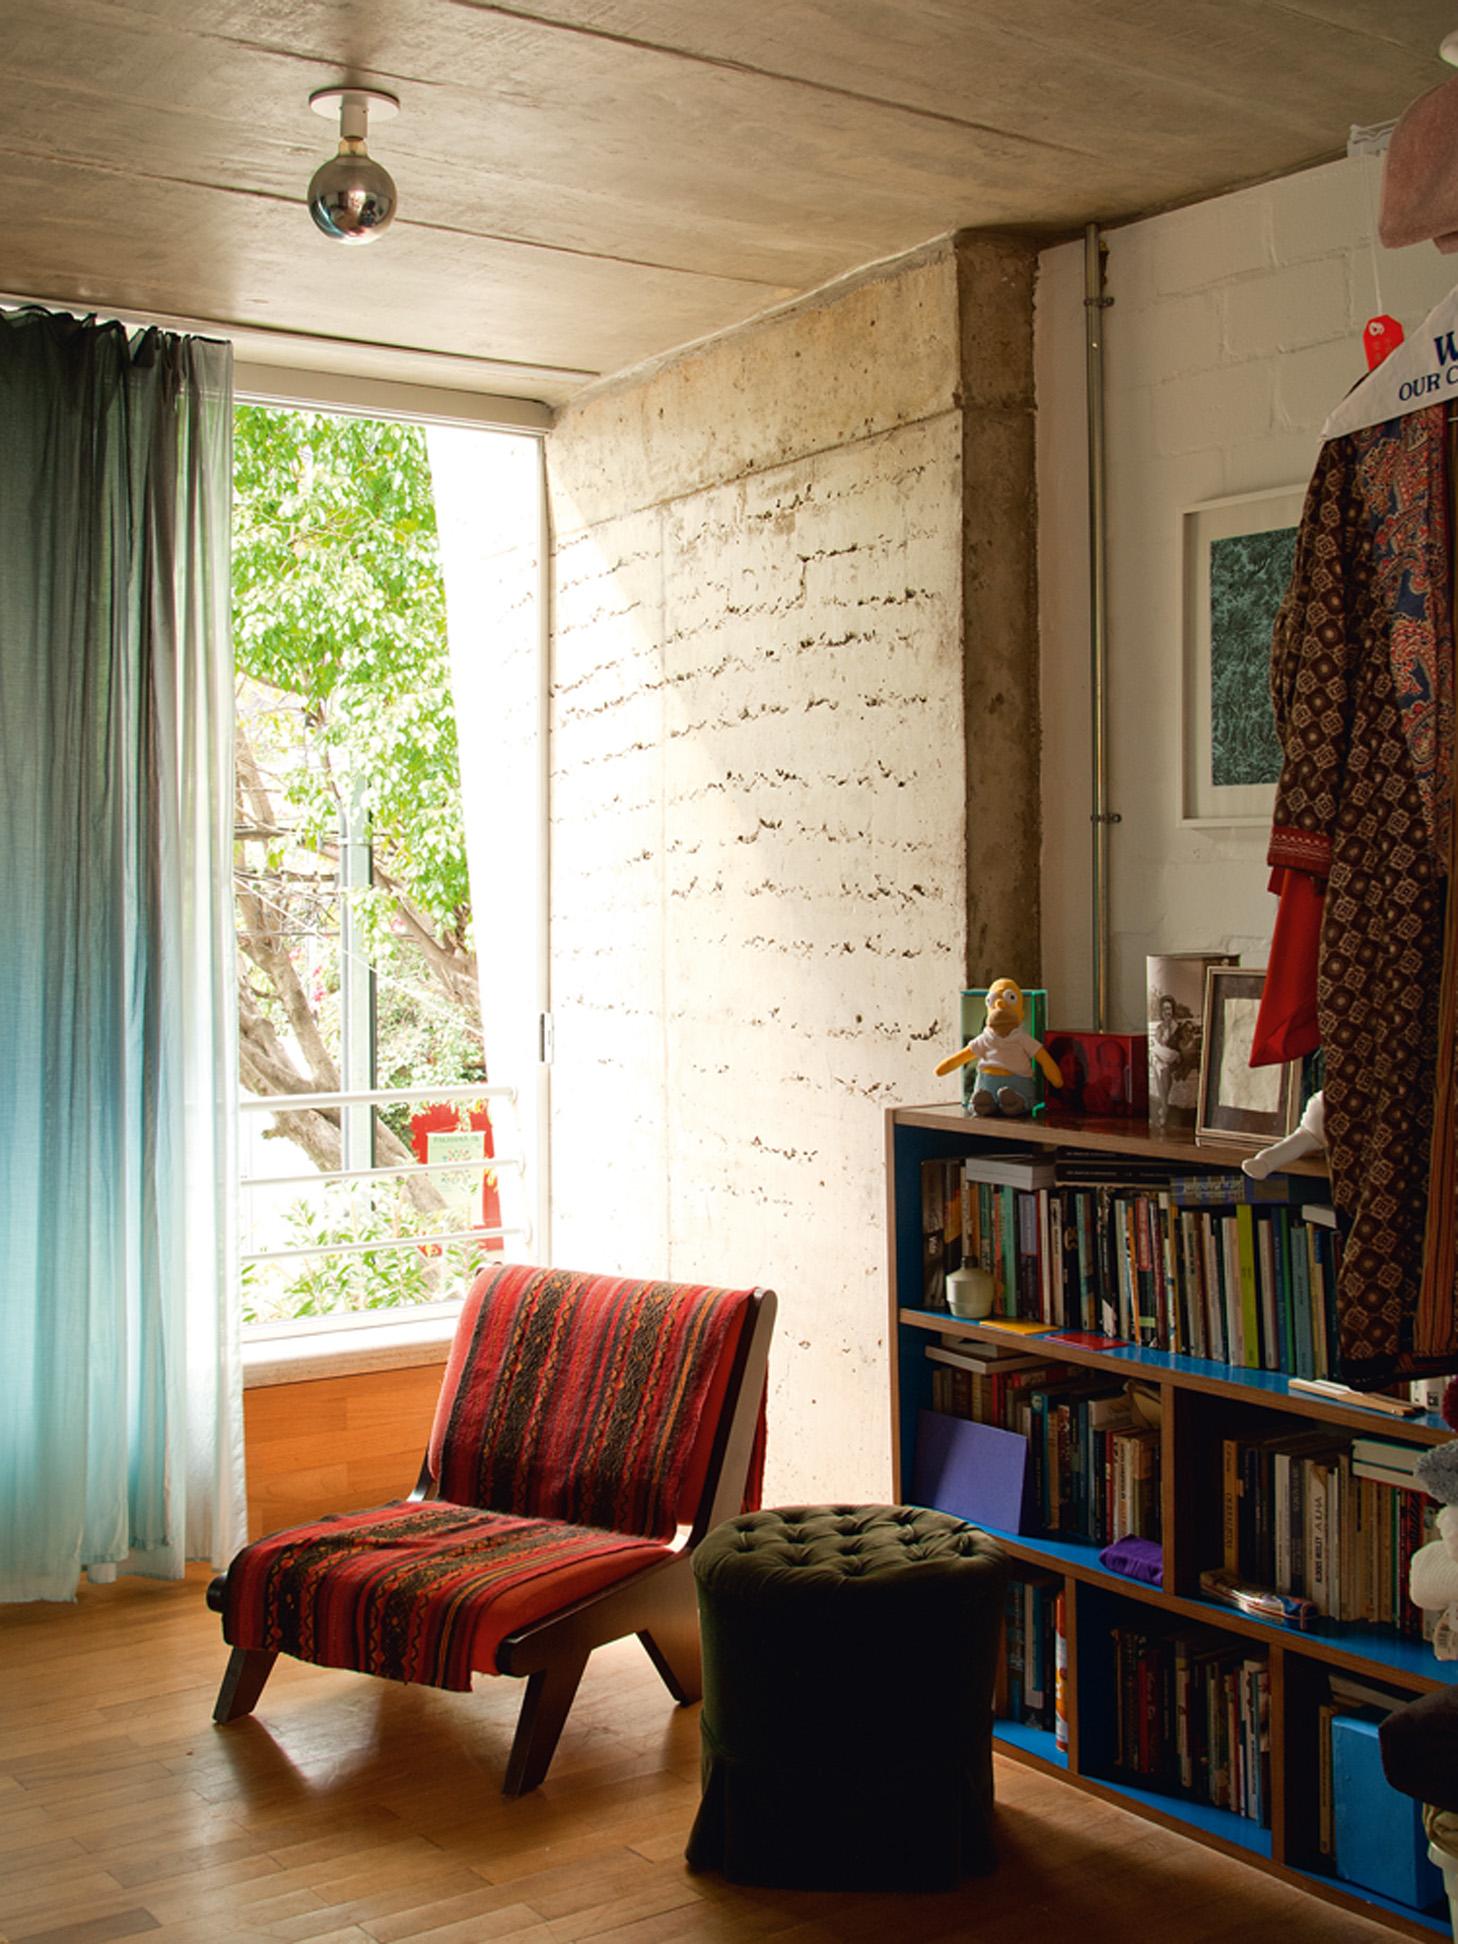 Aconchego - O outro canto do quarto do casal, que guarda a estante com os livros e a poltrona, também forrada com tecido que a protege das gatas Mulata e Elza